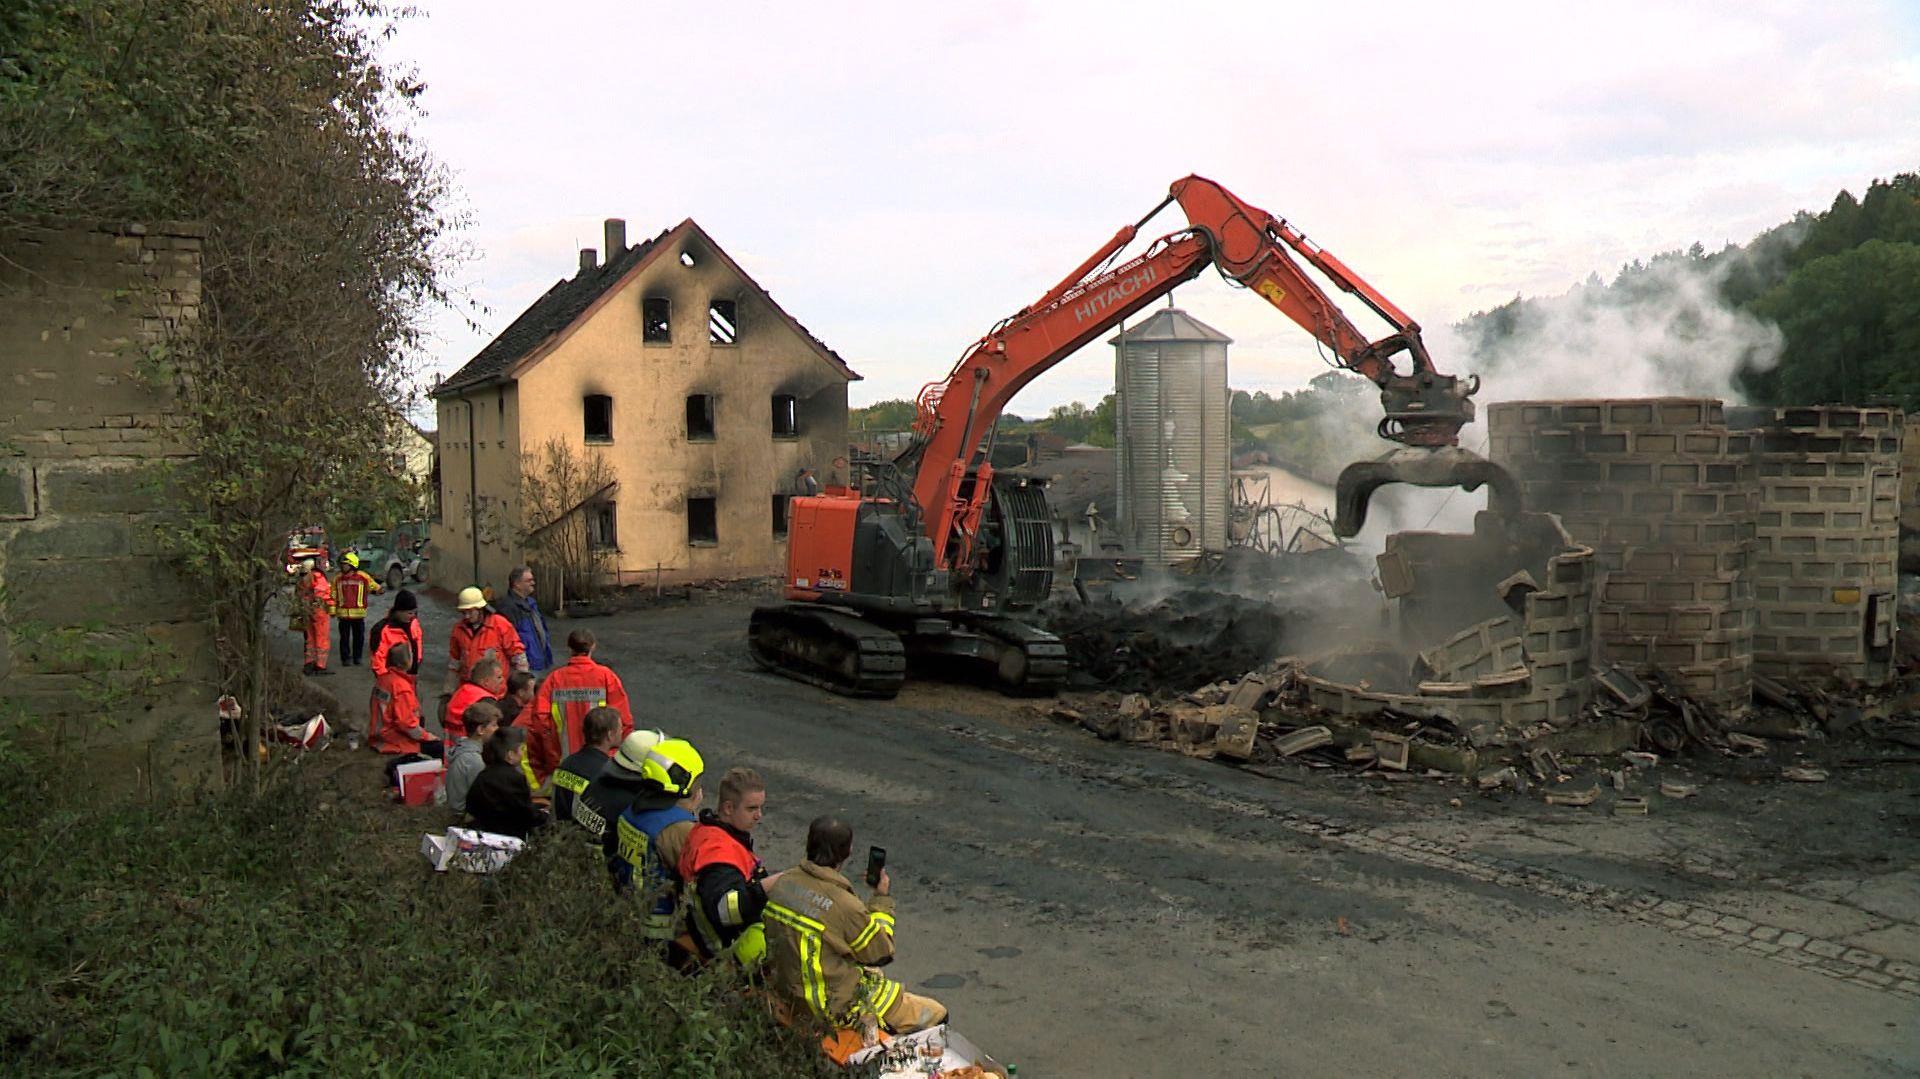 Helfer stehen vor den Ruinen des abgebrannten Bauernhofs, ein Bagger schaufelt Schutt.